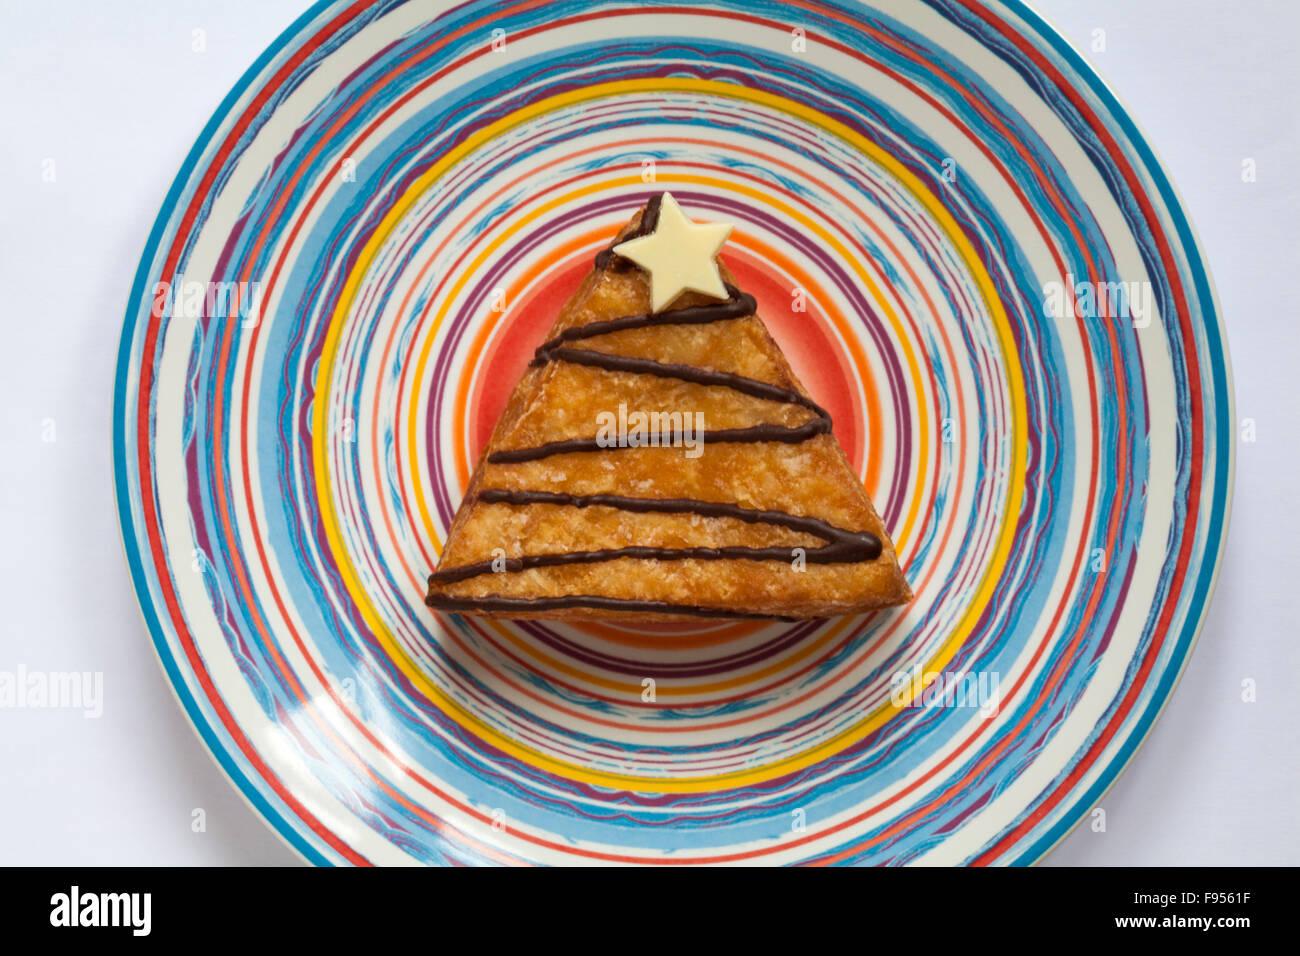 & S M Weihnachtsbaum Yum Yums iced Donut gefüllt mit Toffee-Sauce auf gestreiften Teller Stockbild